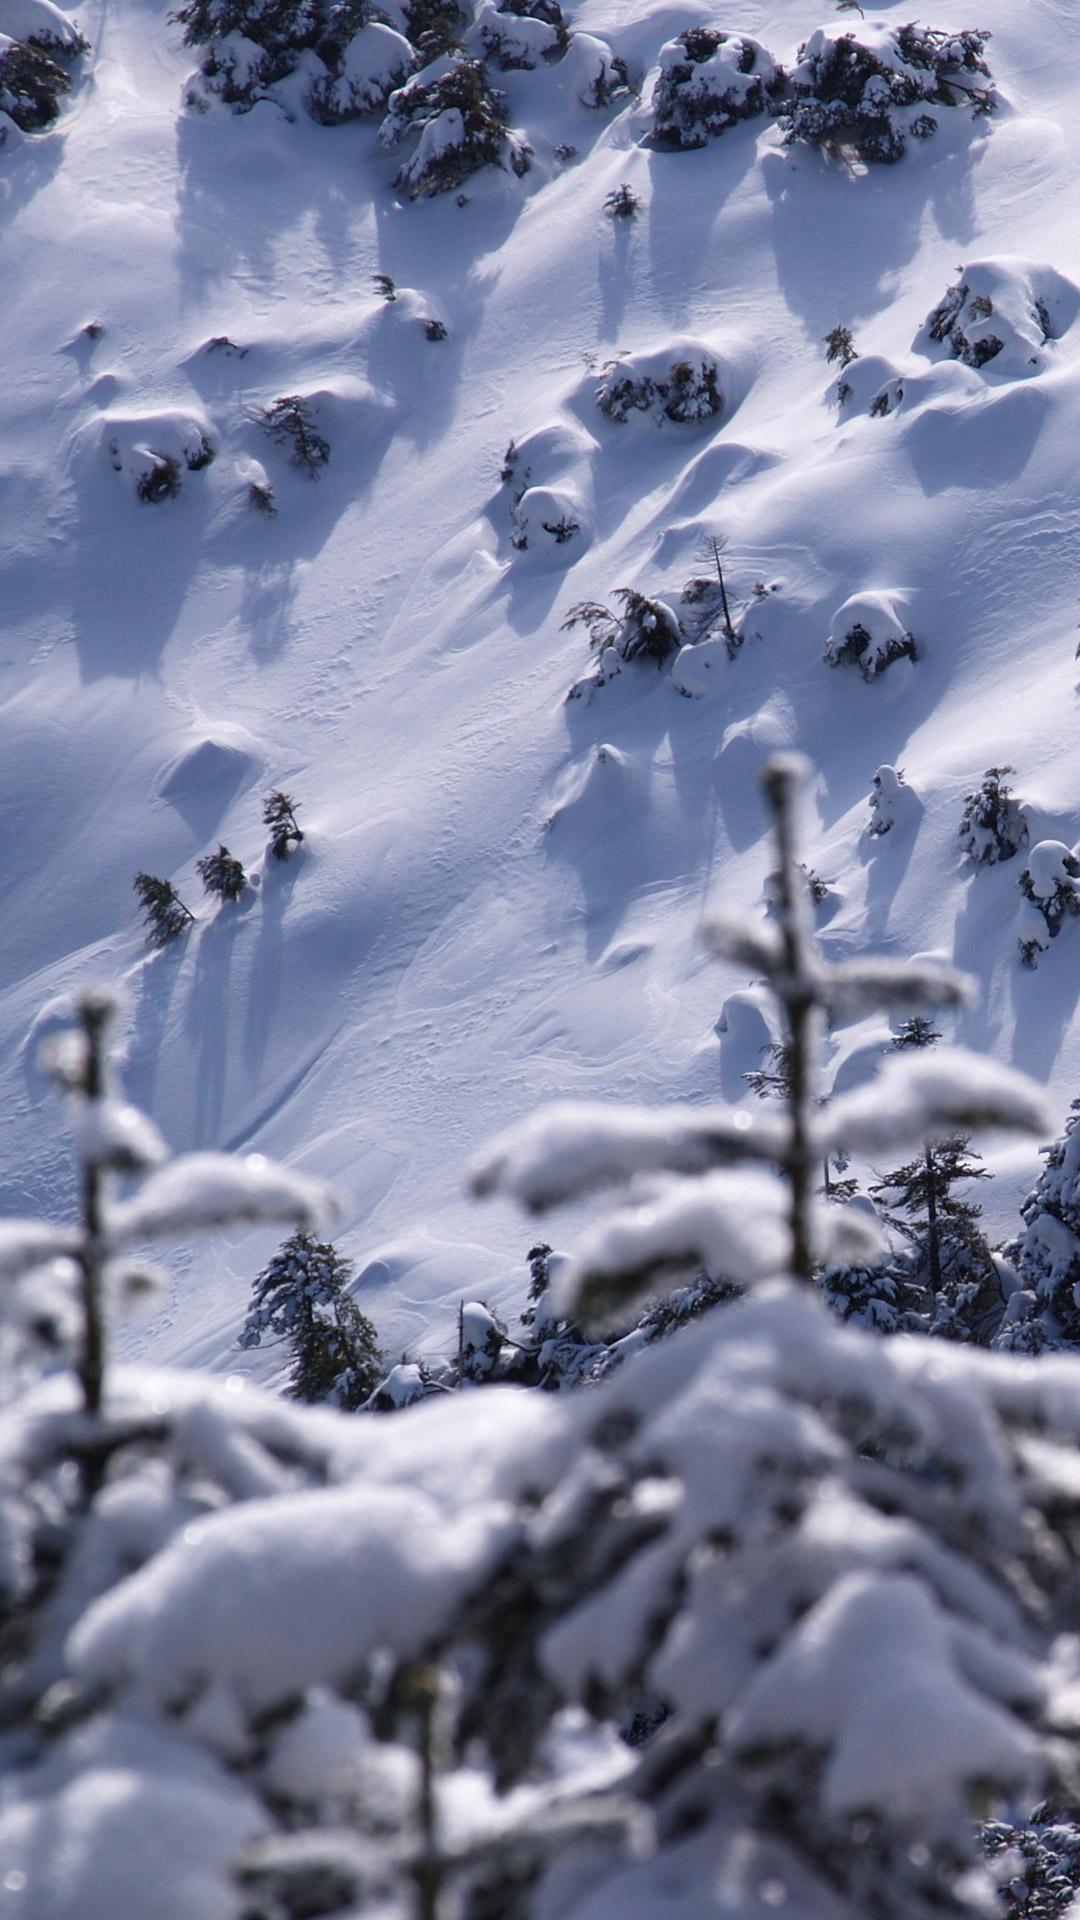 スマホ 壁紙 冬 ベスト キャラクター 壁紙 イラスト 最高の壁紙